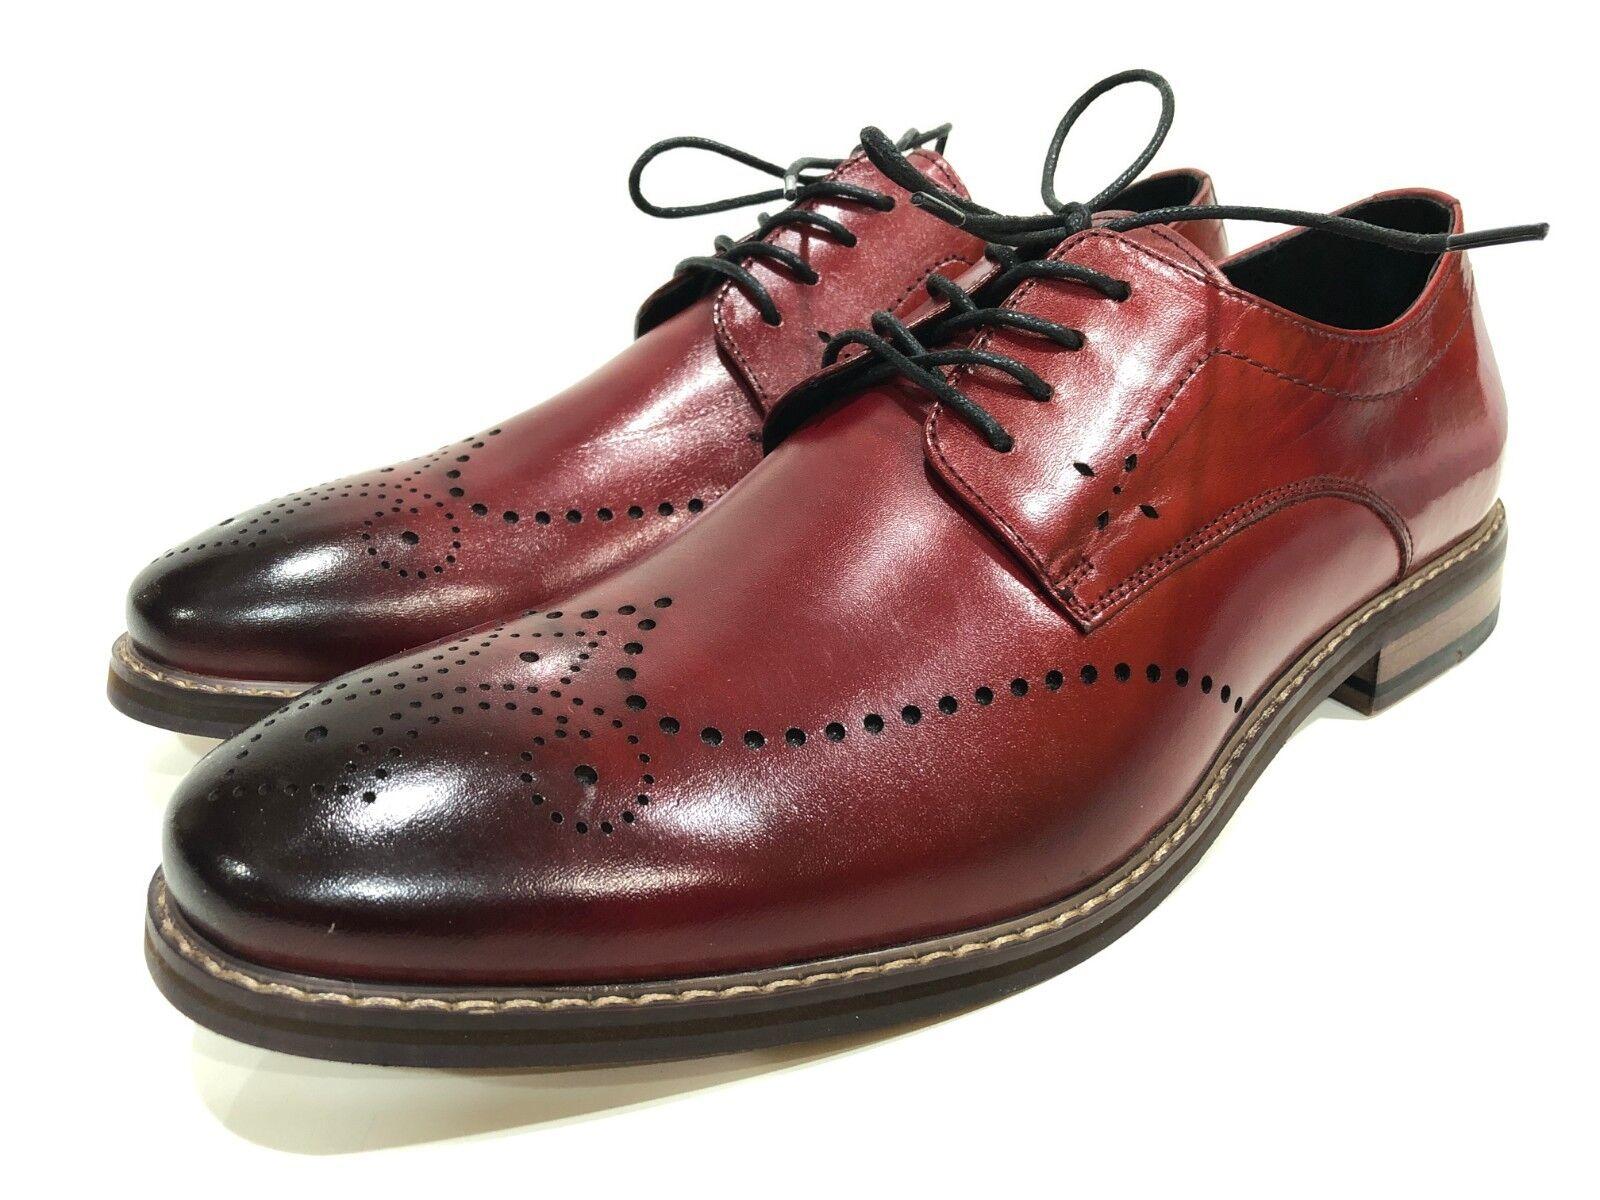 Stacy Adams Men's Dress Oxfords shoes Size 11 M